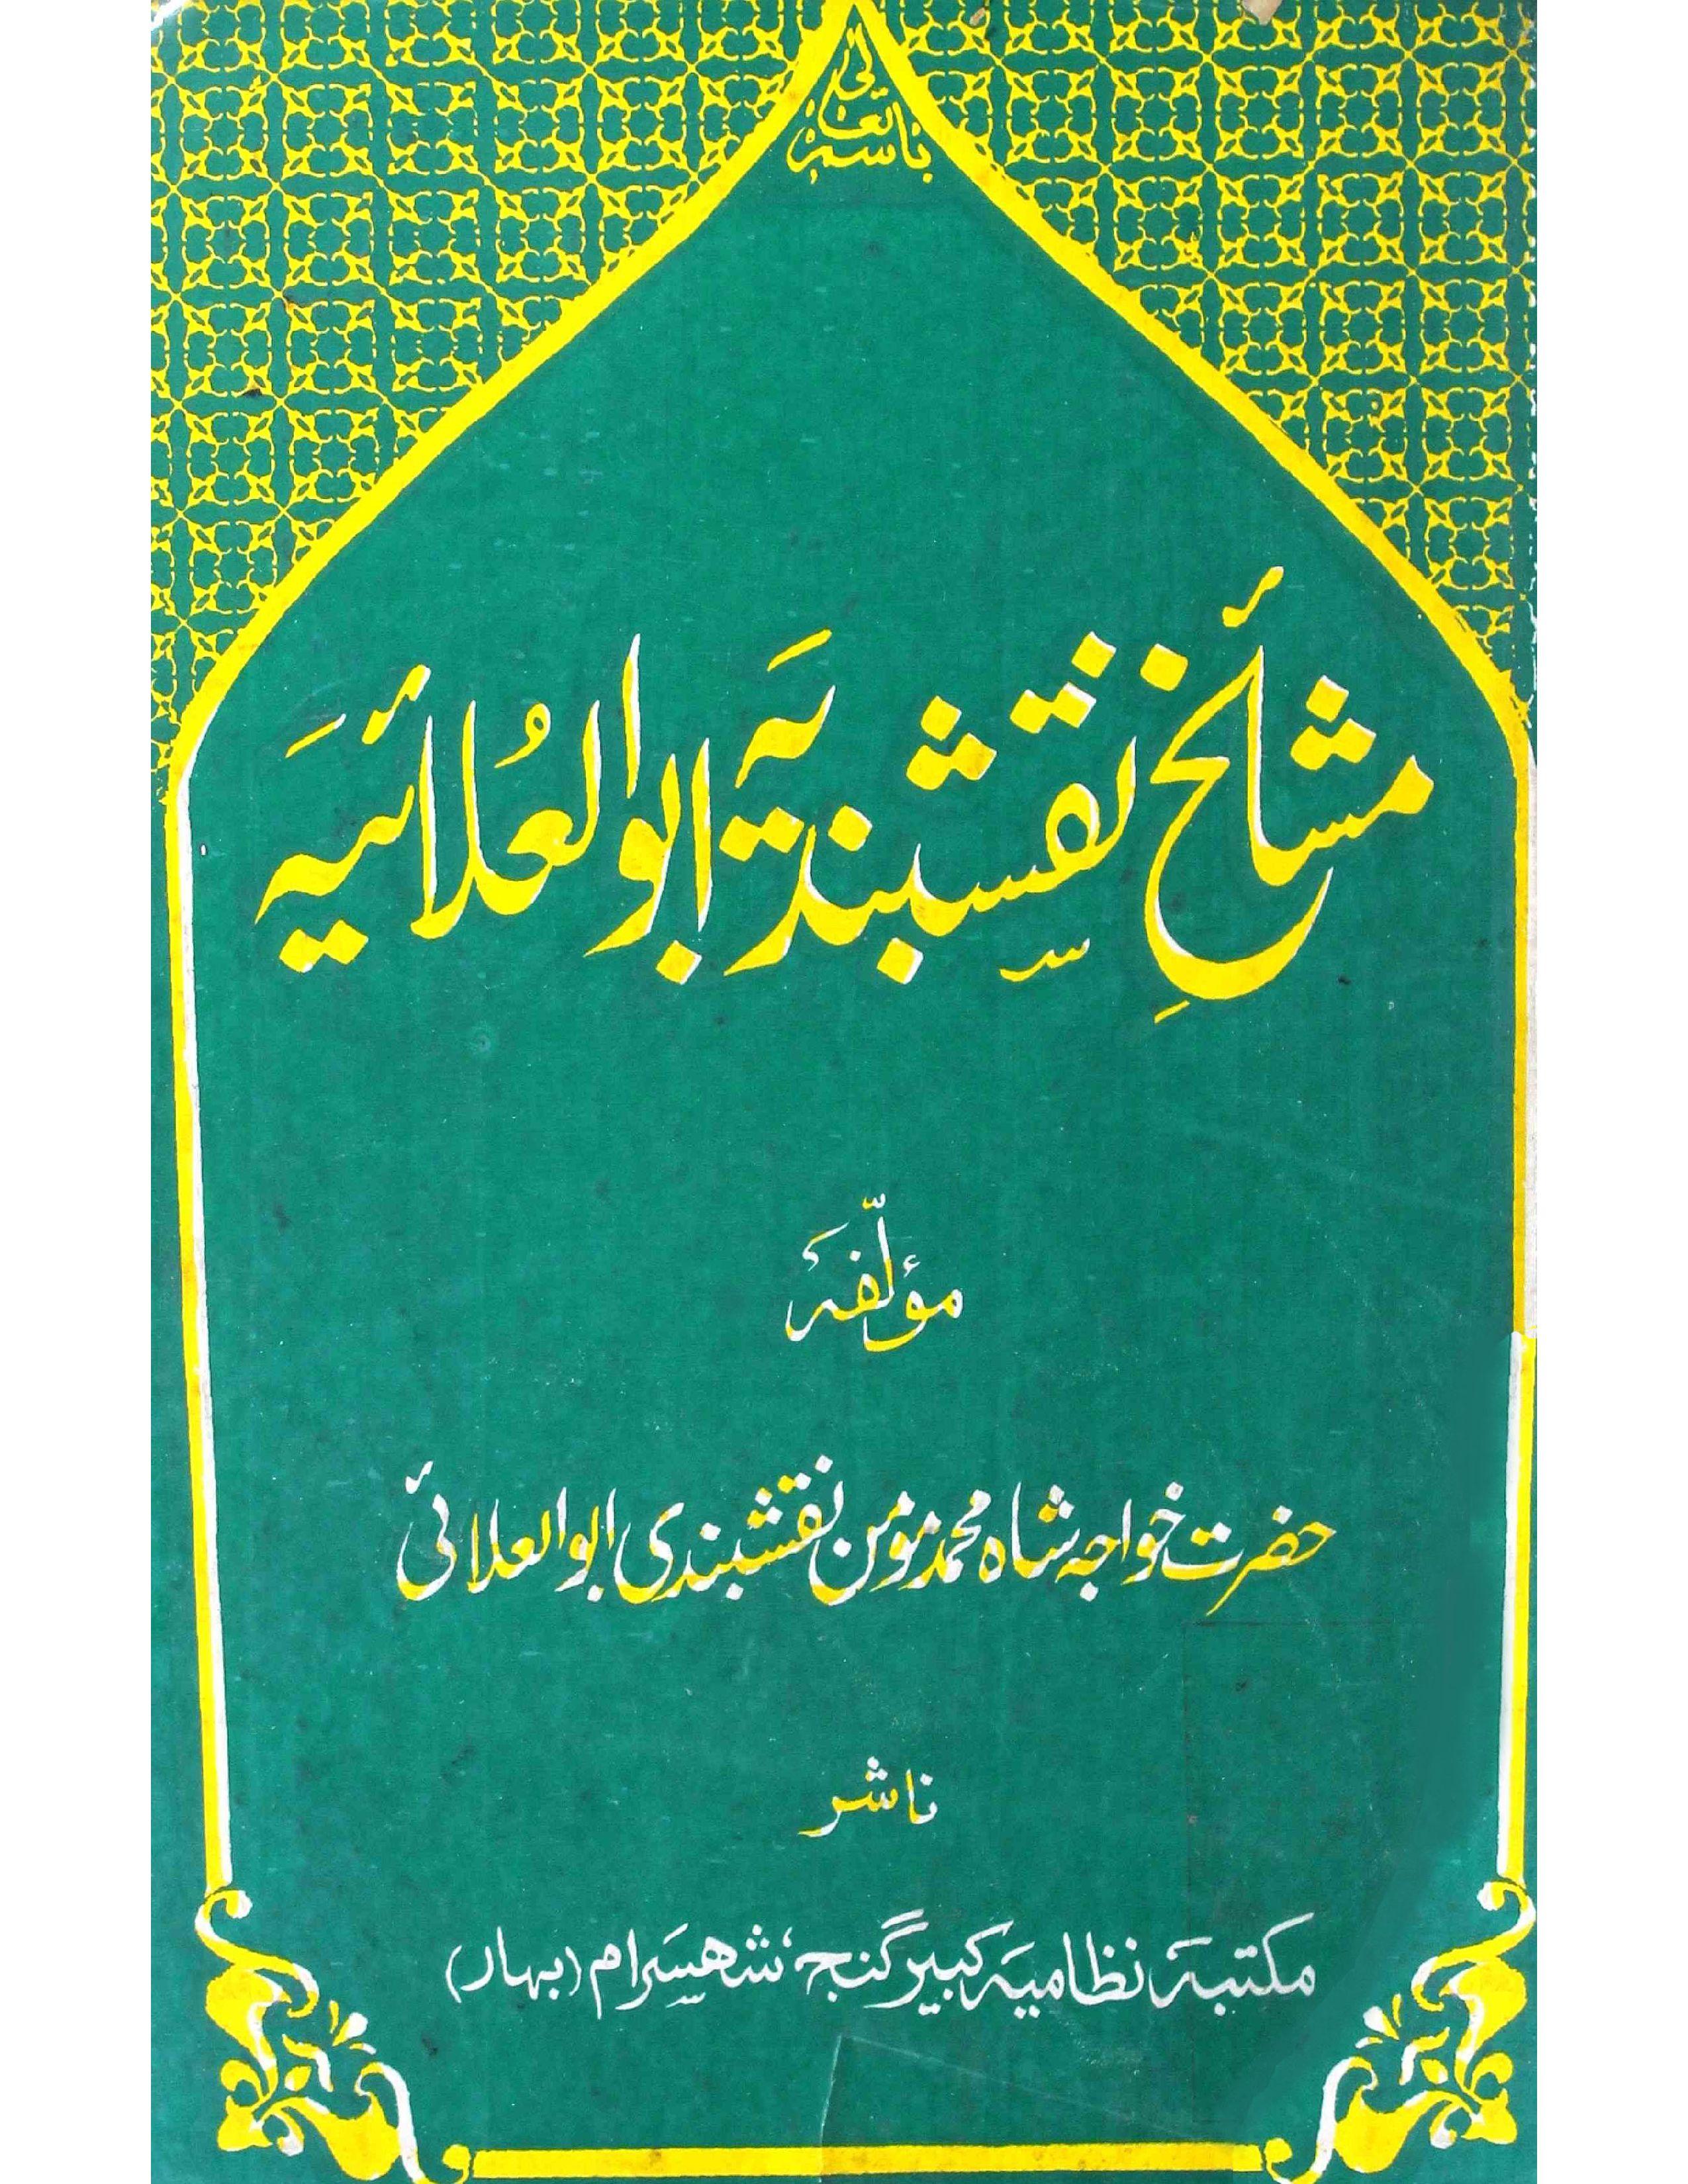 Mashekh-e-Naqshbandiya Abul Ulaeya